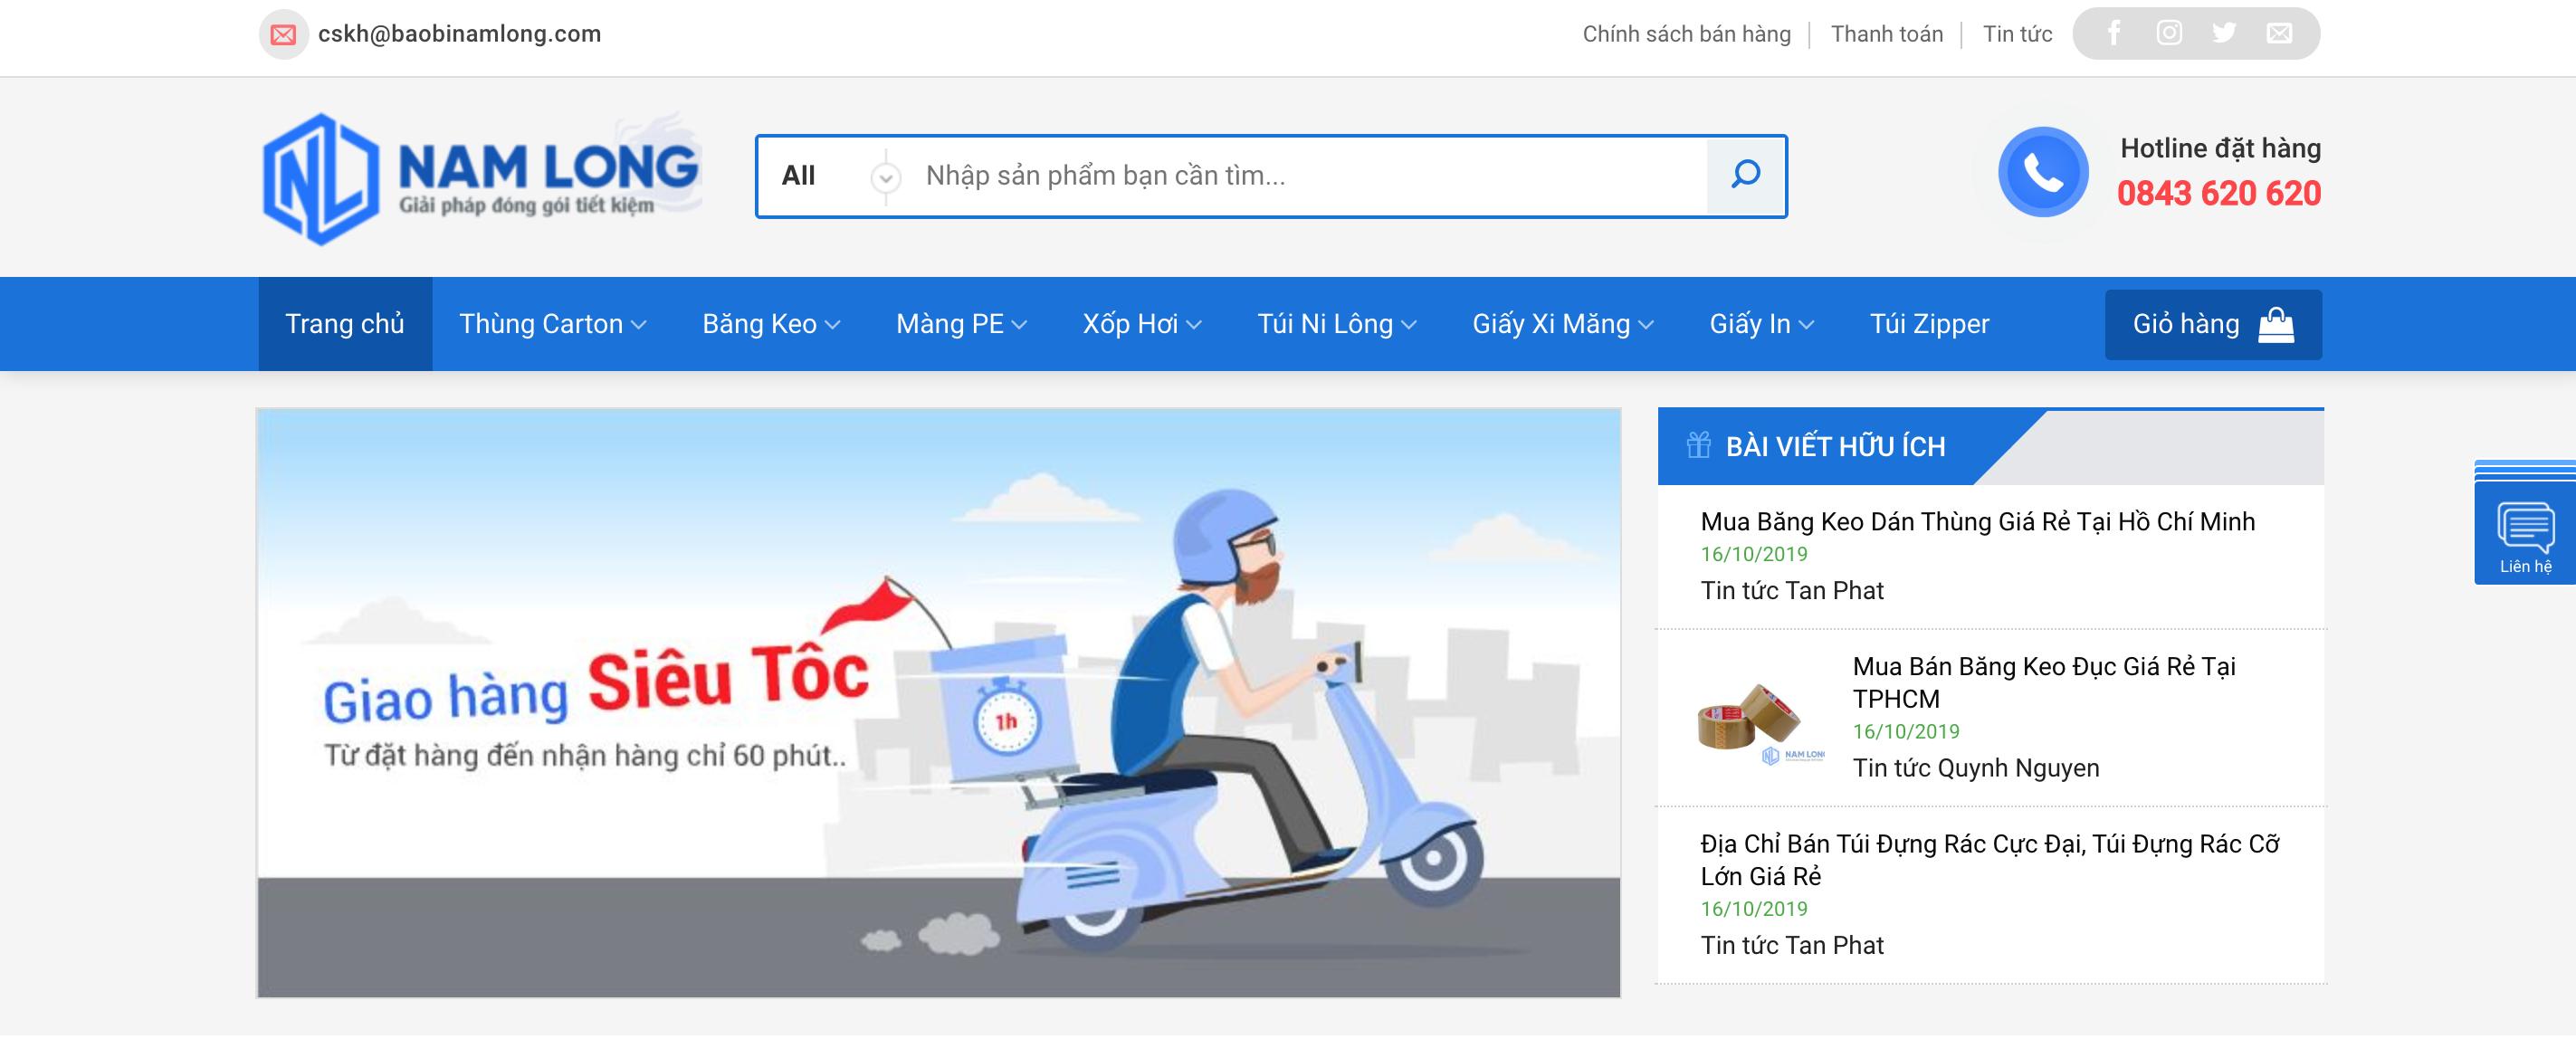 Website công ty bao bì Nam Long